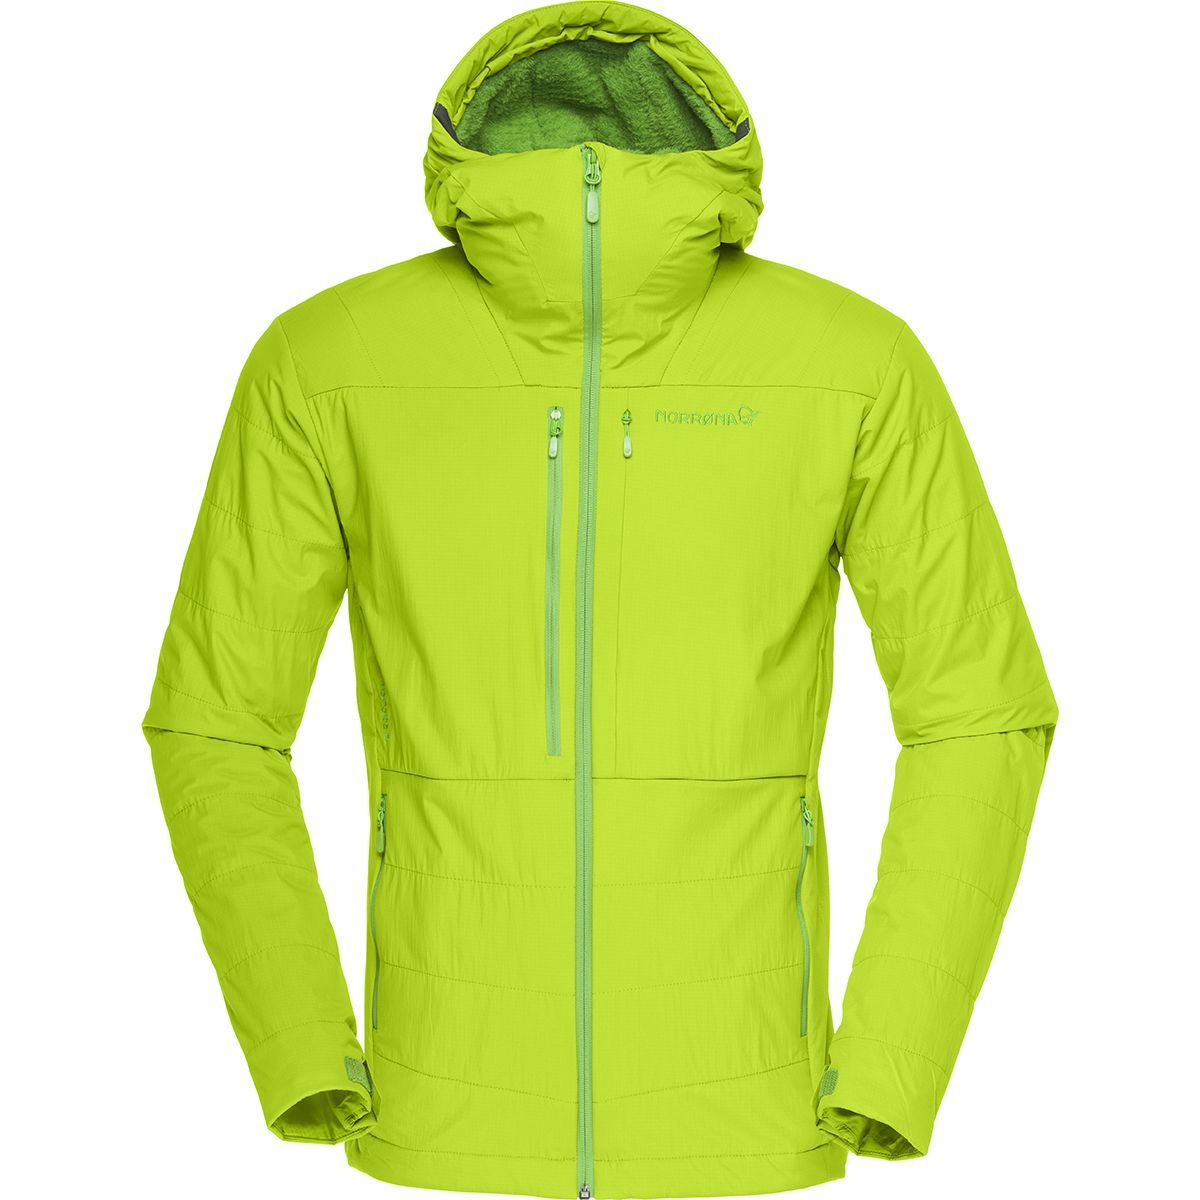 Norrona Lofoten Powershield Pro Alpha Jacket - Men's Birch green